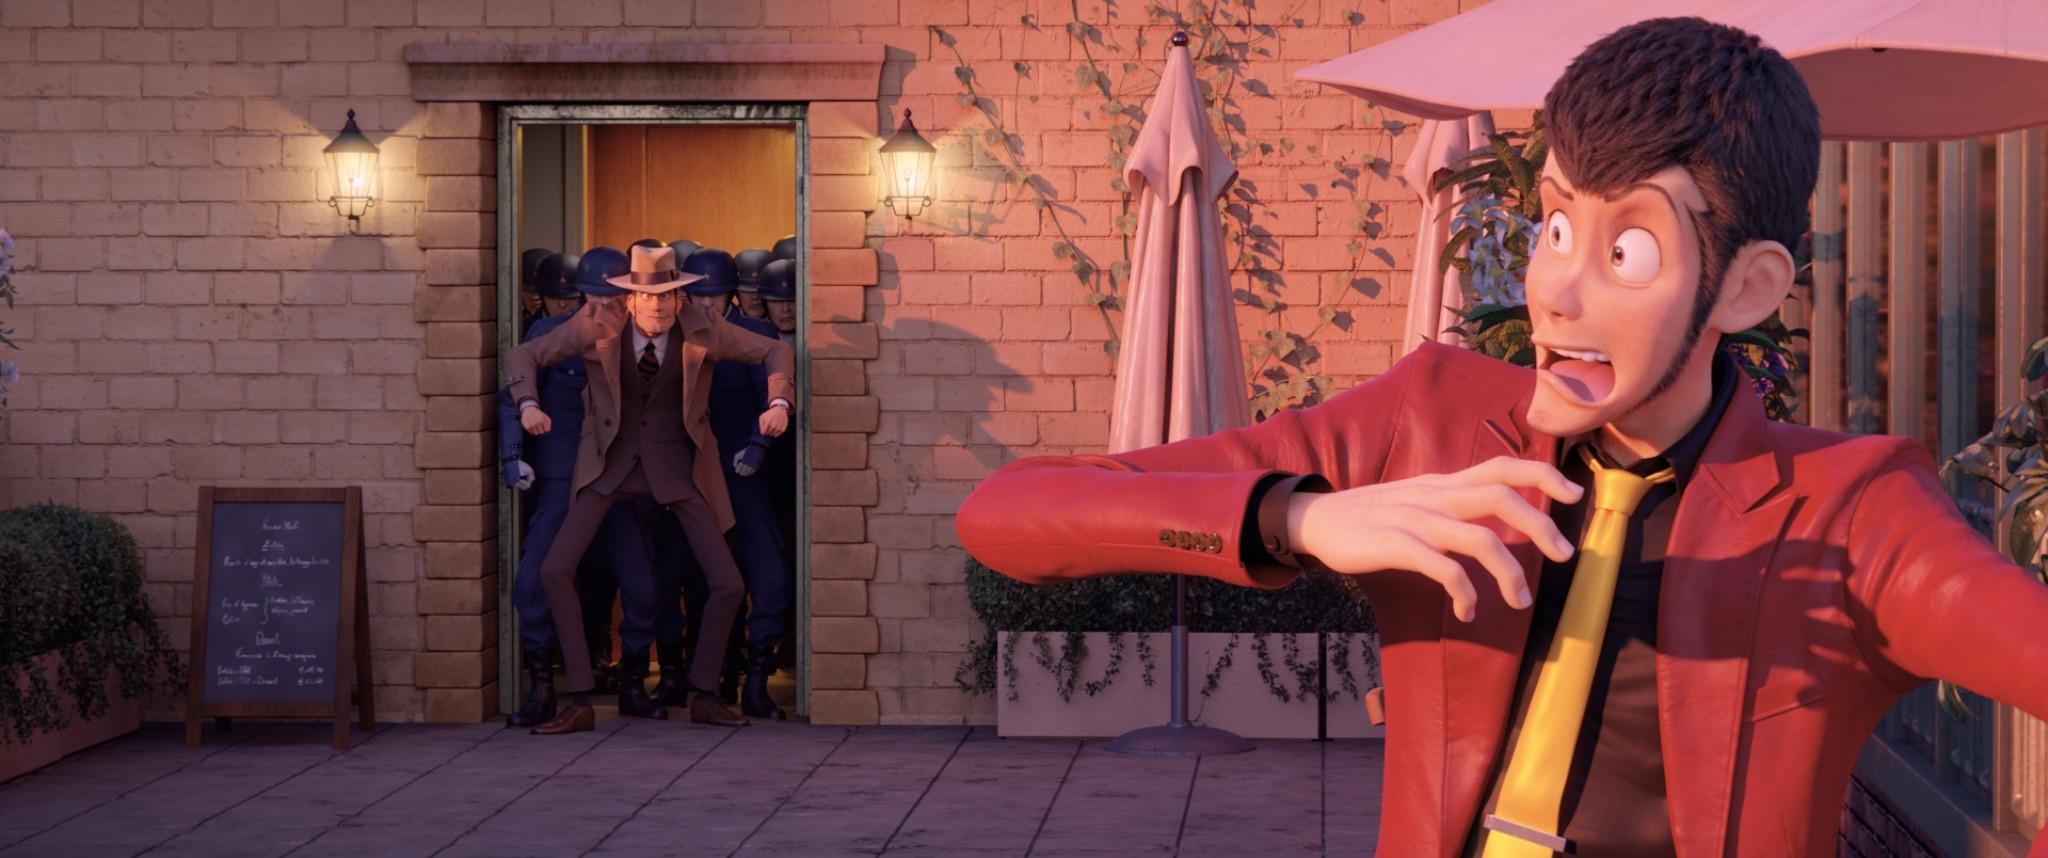 Zenigata cerca di acciuffare Lupin III